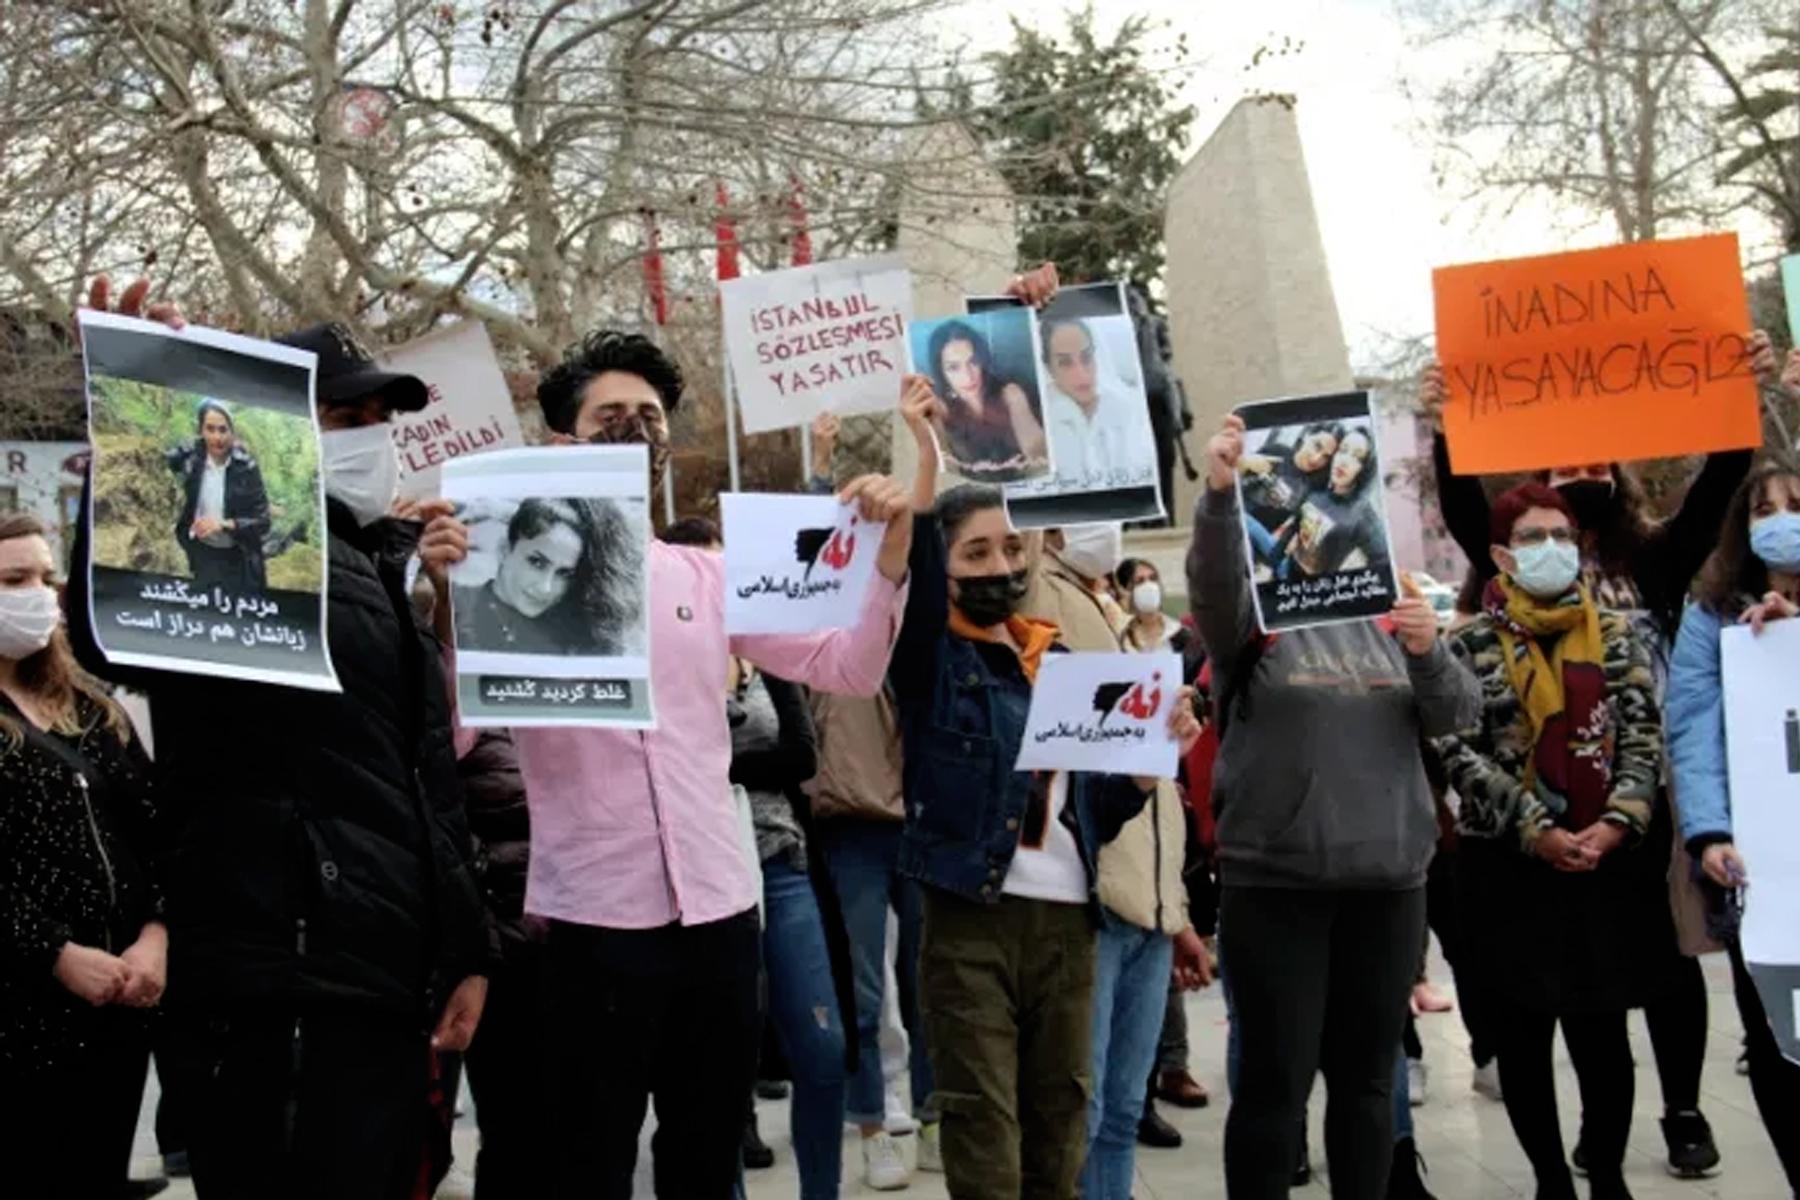 ترکیه پناهجویان ایرانی را بدلیل شرکت در تجمع اعتراضی اخراج و به ایران دیپورت می کند